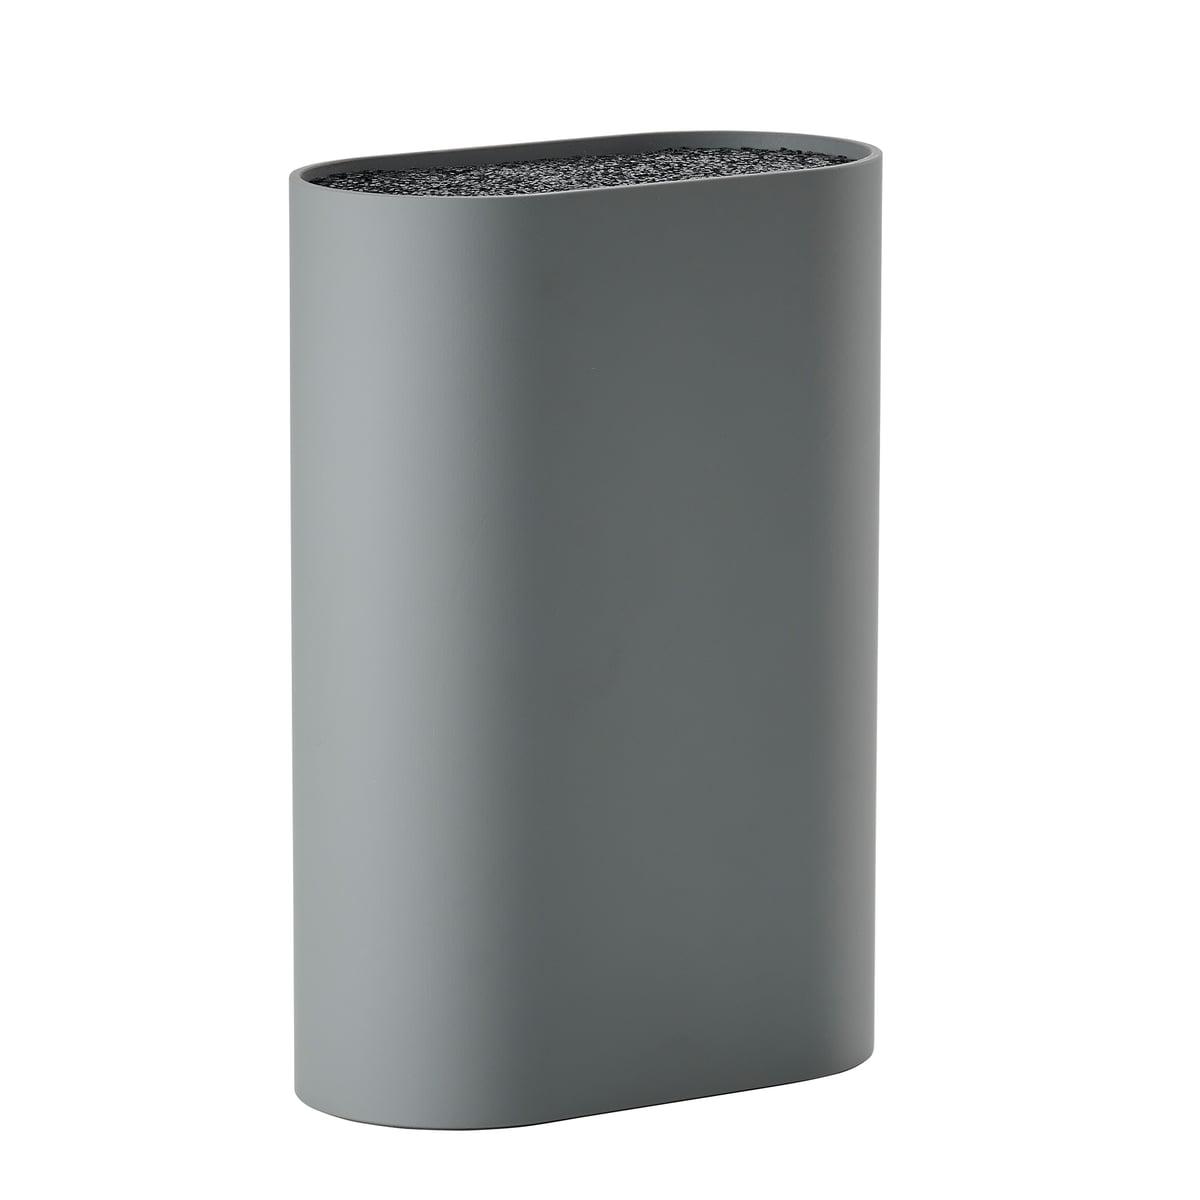 Zone Denmark - Messerblock, L 17 x W 9 cm, cool grey | Küche und Esszimmer > Küchen-Zubehör > Halter und Haken | Grau | Polypropylen -  tpr kunststoff | Zone